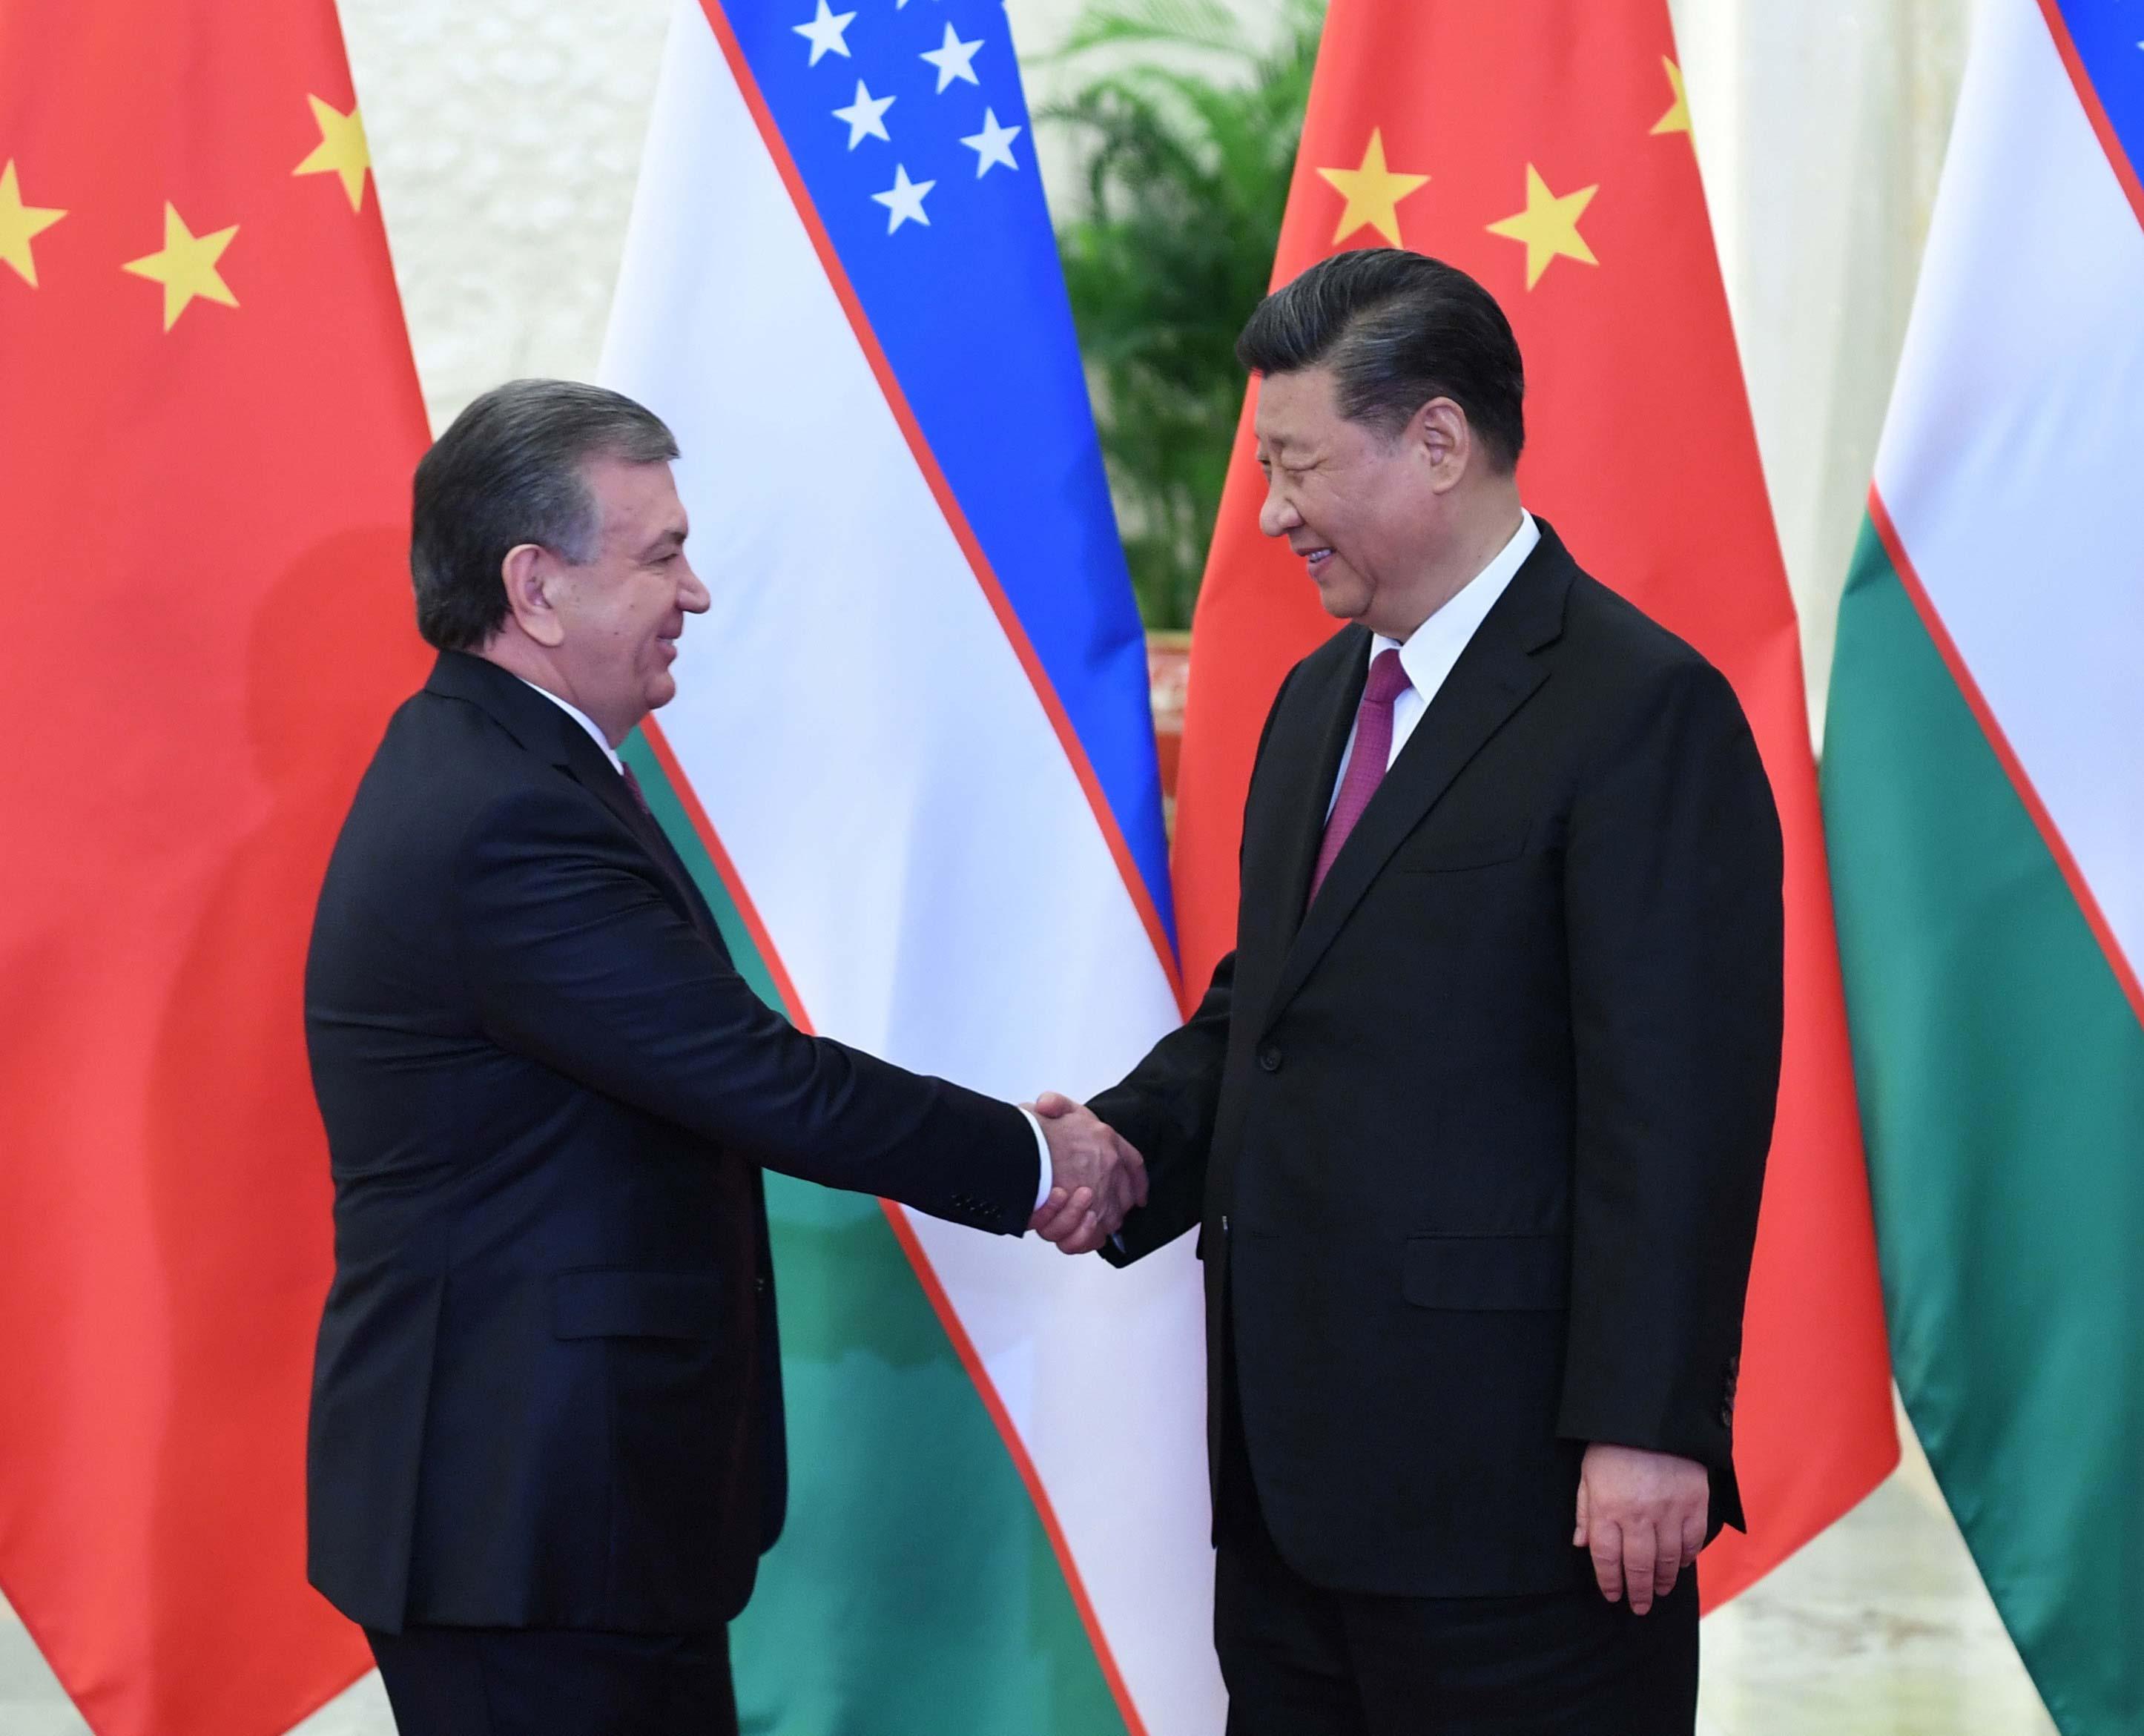 4月25日,国家主席习近平在北京人民大会堂会见乌兹别克斯坦总统米尔济约耶夫。